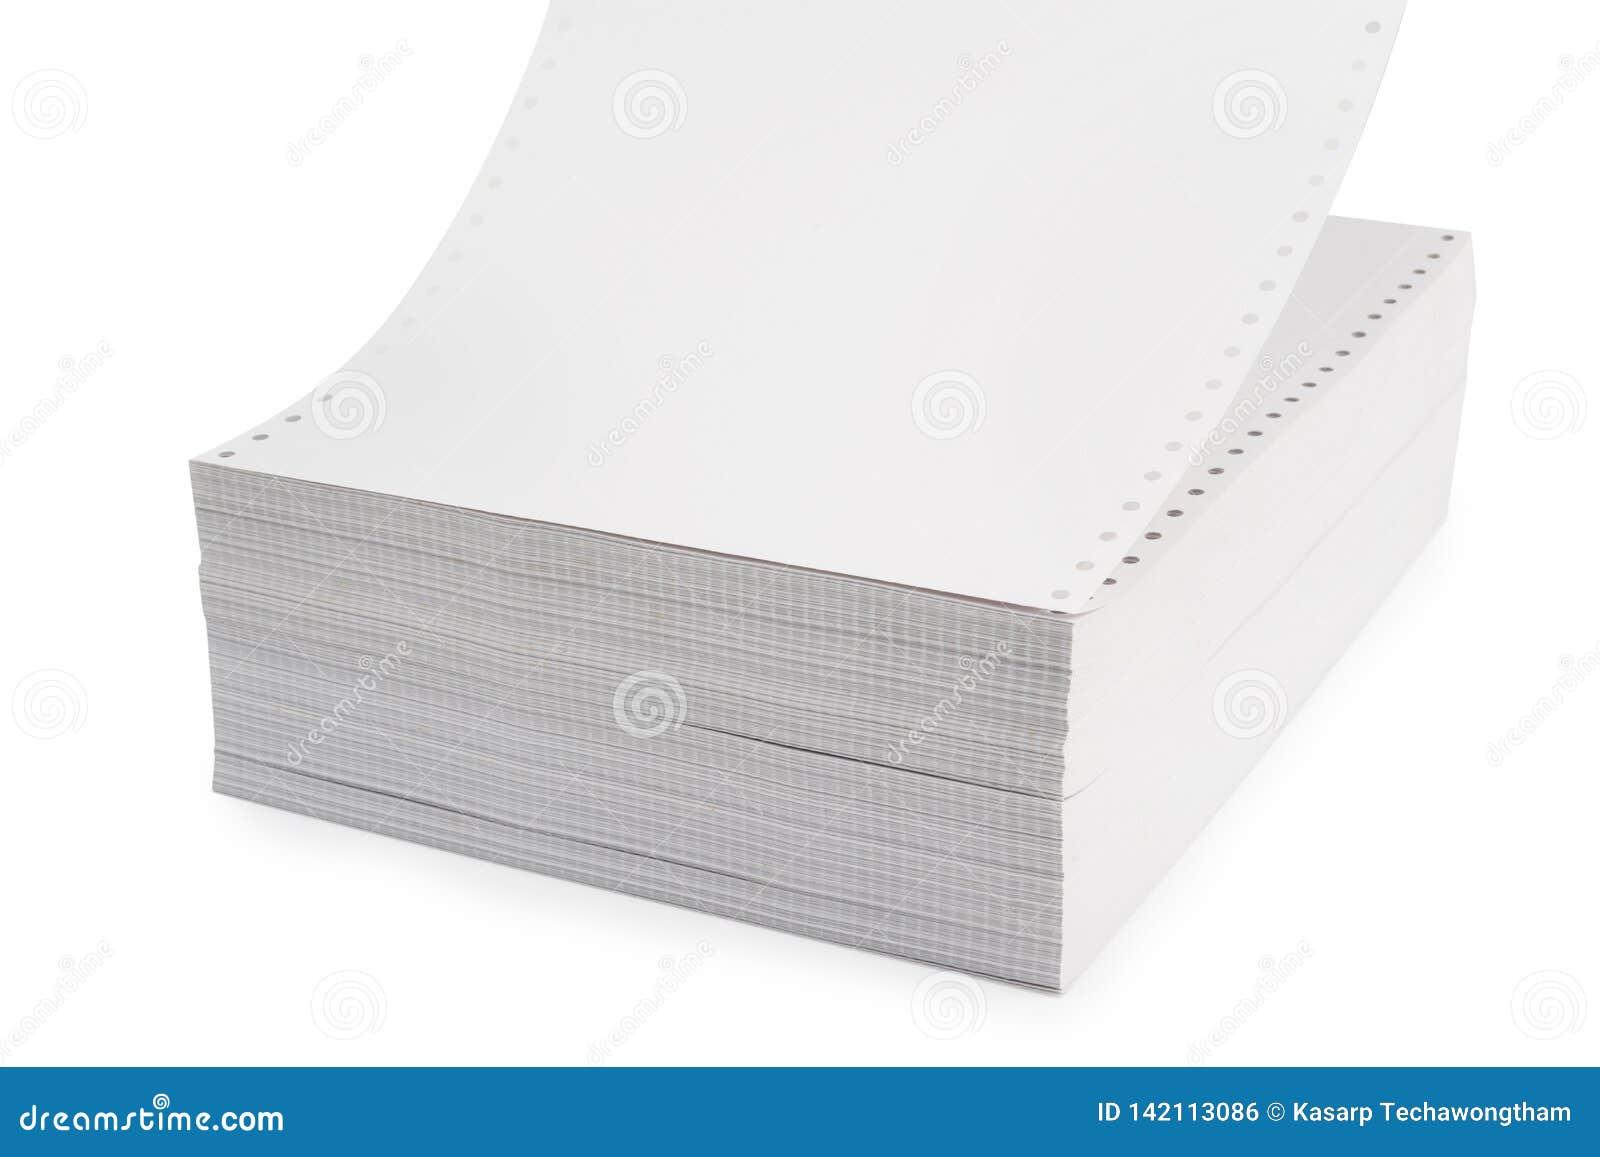 Vitt Traktor-matning papper eller datalistpapper, fortlöpande papper för skrivare för matning för traktor för prickmatris för bru